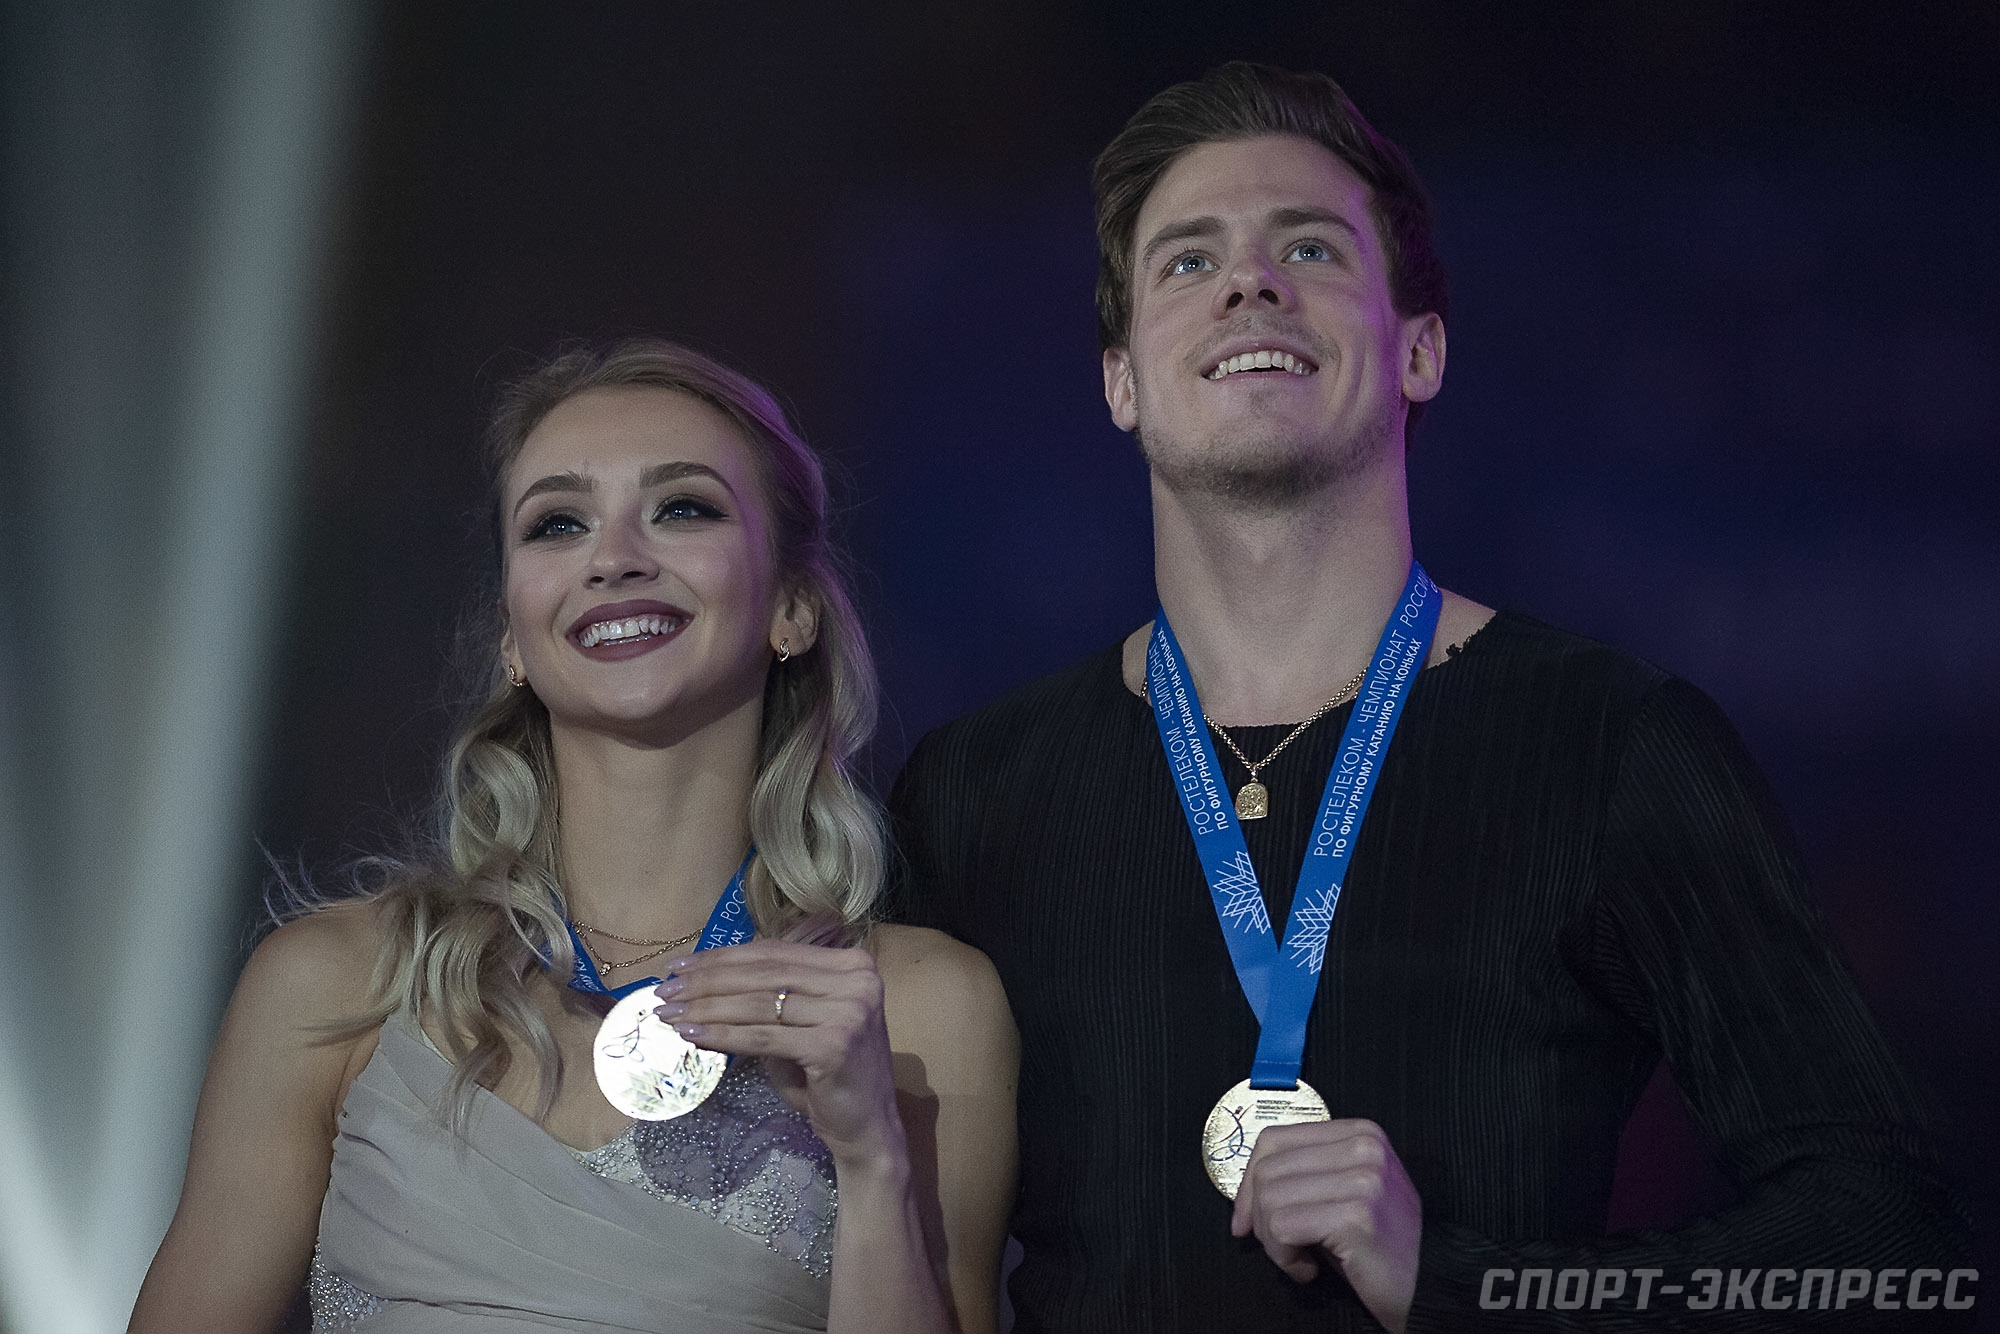 http://ss.sport-express.ru/userfiles/materials/135/1351729/origin.jpg